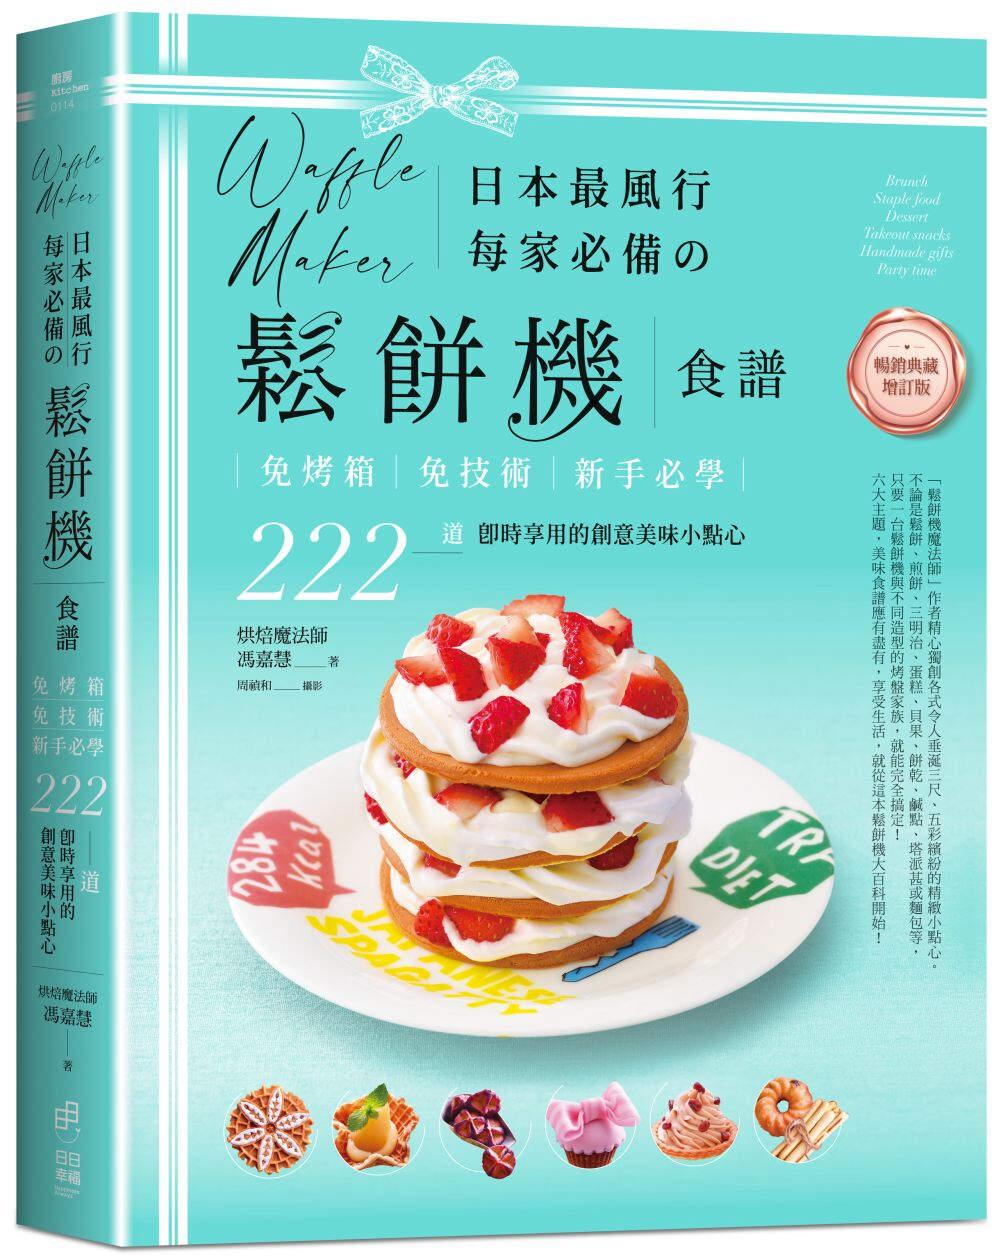 日本最風行每家必備的鬆餅機食譜【暢銷典藏增訂版】:免烤箱,免技術,新手必學,222道即時享用的創意美味小點心